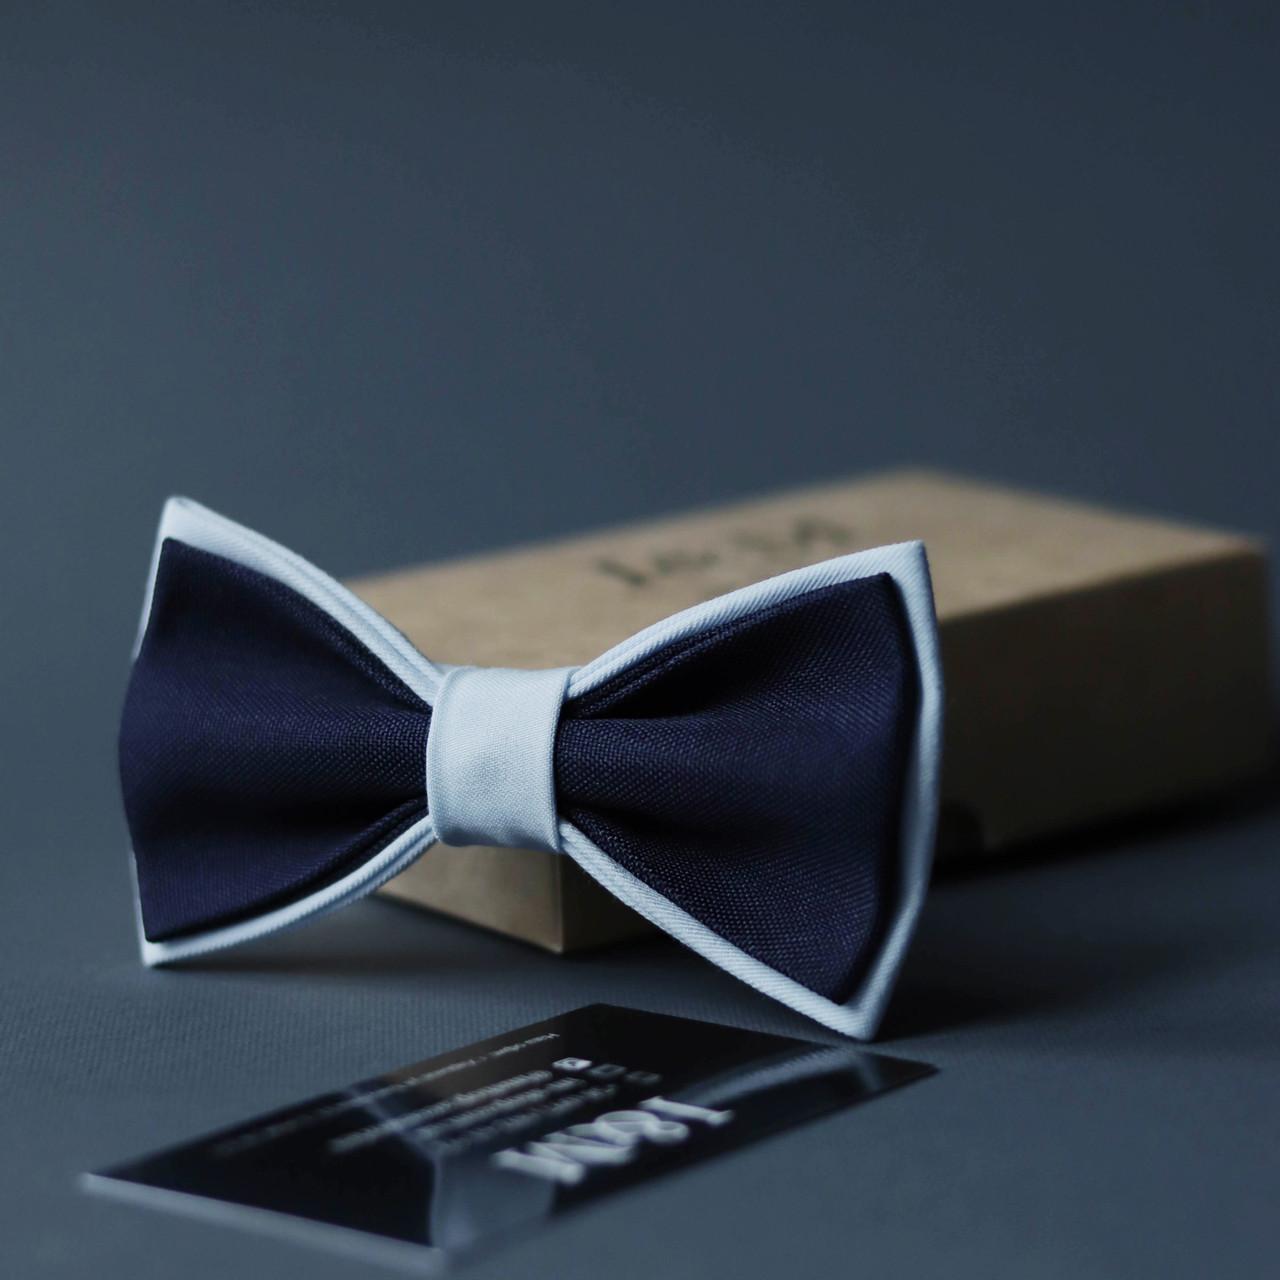 Галстук-бабочка I&M Craft двухцветный синий с голубым (010632)